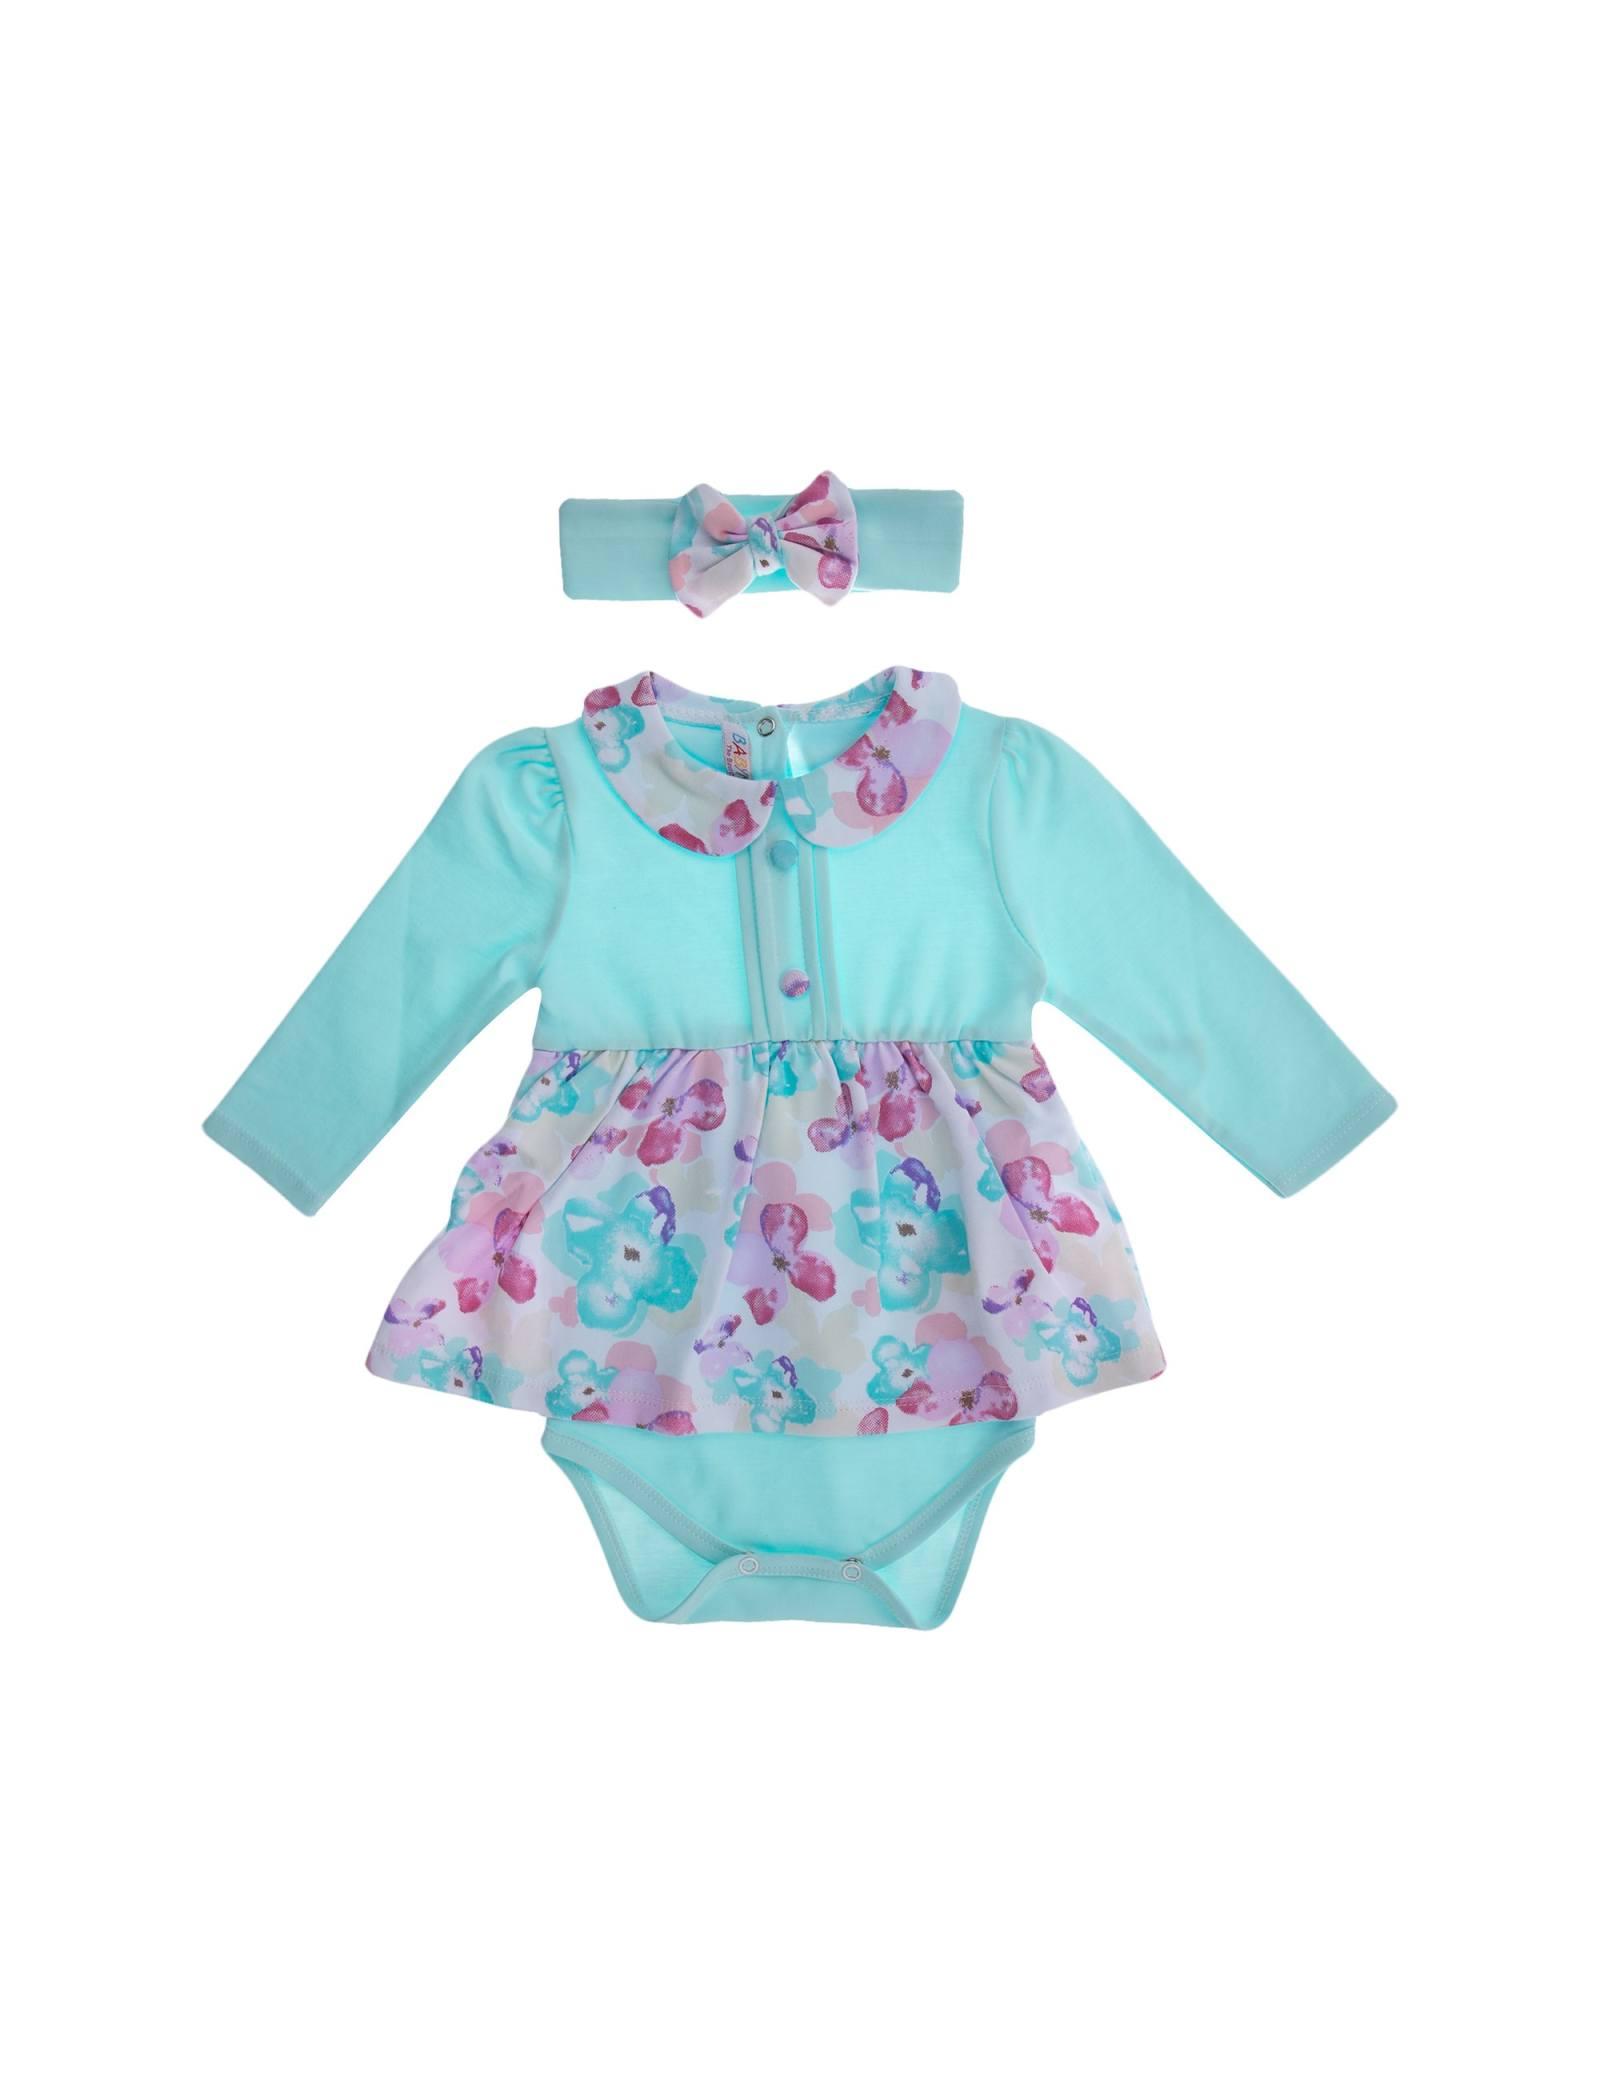 پیراهن نخی آستین بلند نوزادی دخترانه - بی بی ناز - چند رنگ - 1